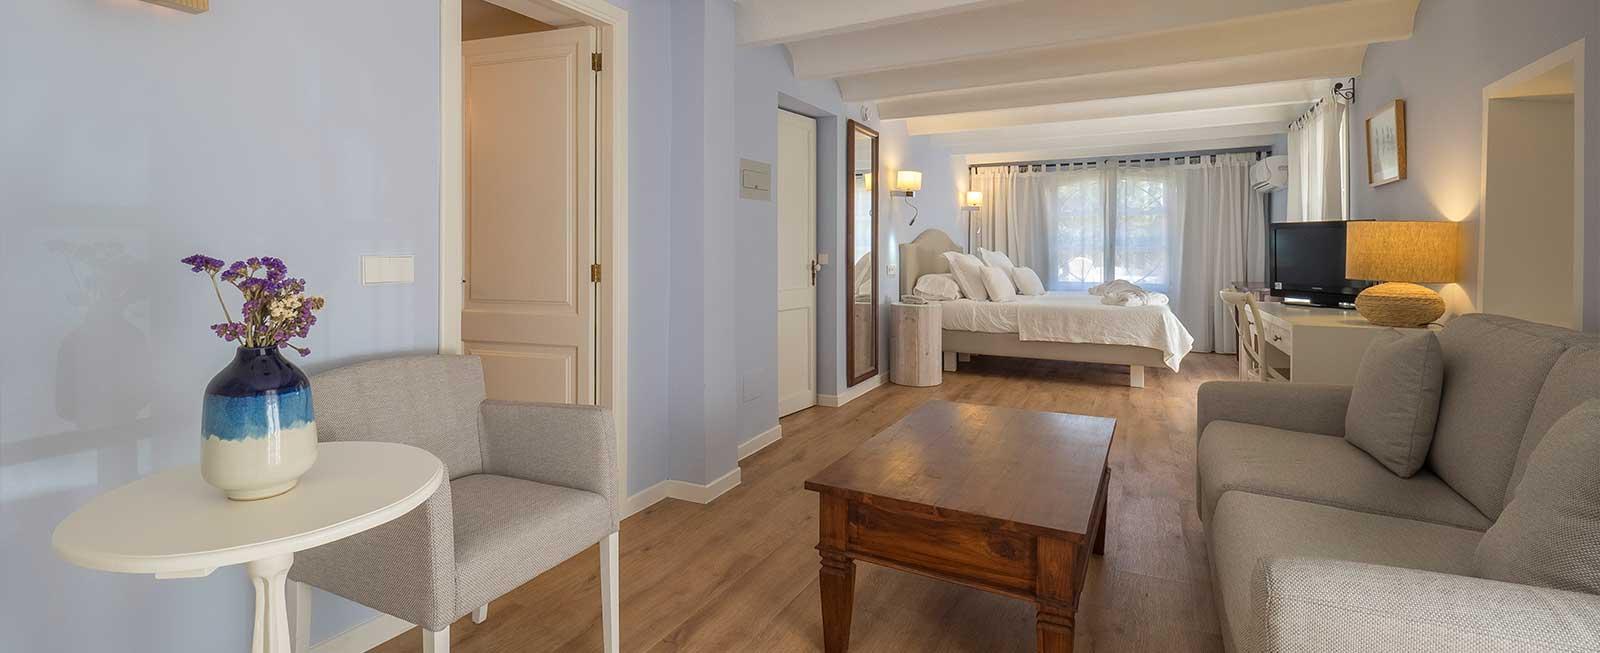 Residencia Son Floriana Cala Bona, Mallorca